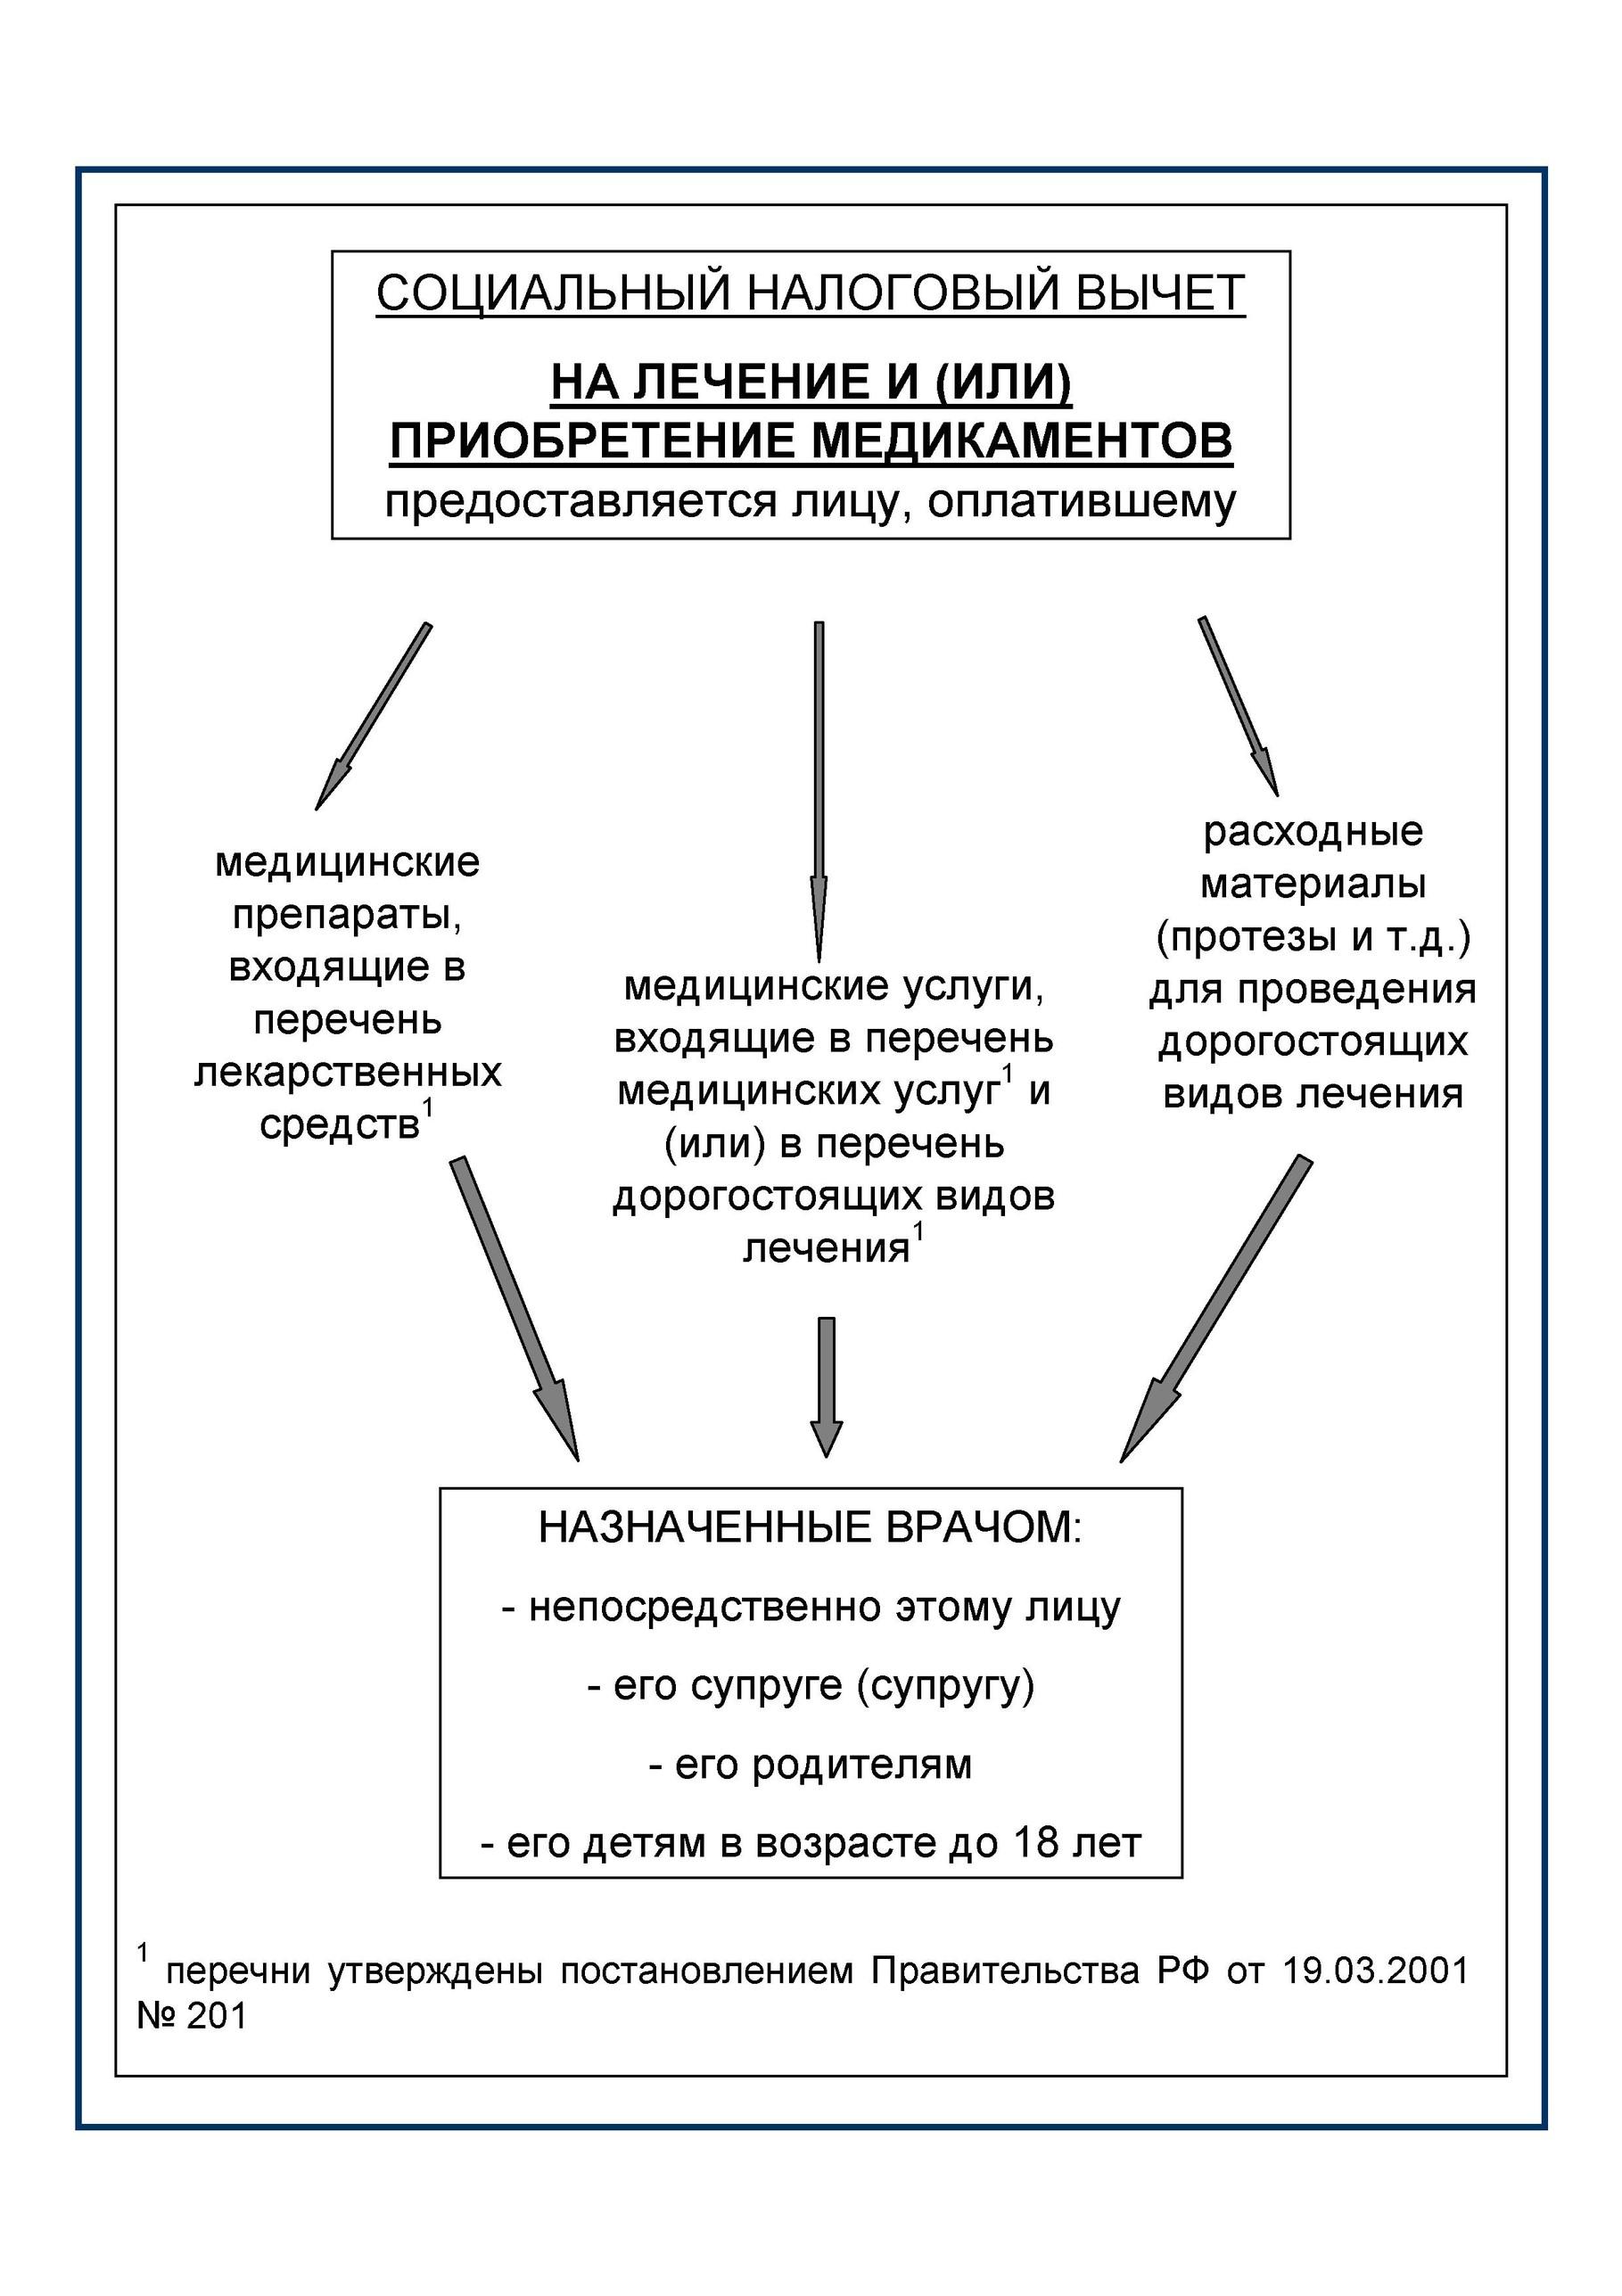 Декларация ндфл социальный вычет расходные материалы гжэу 4 мытищи бухгалтерия